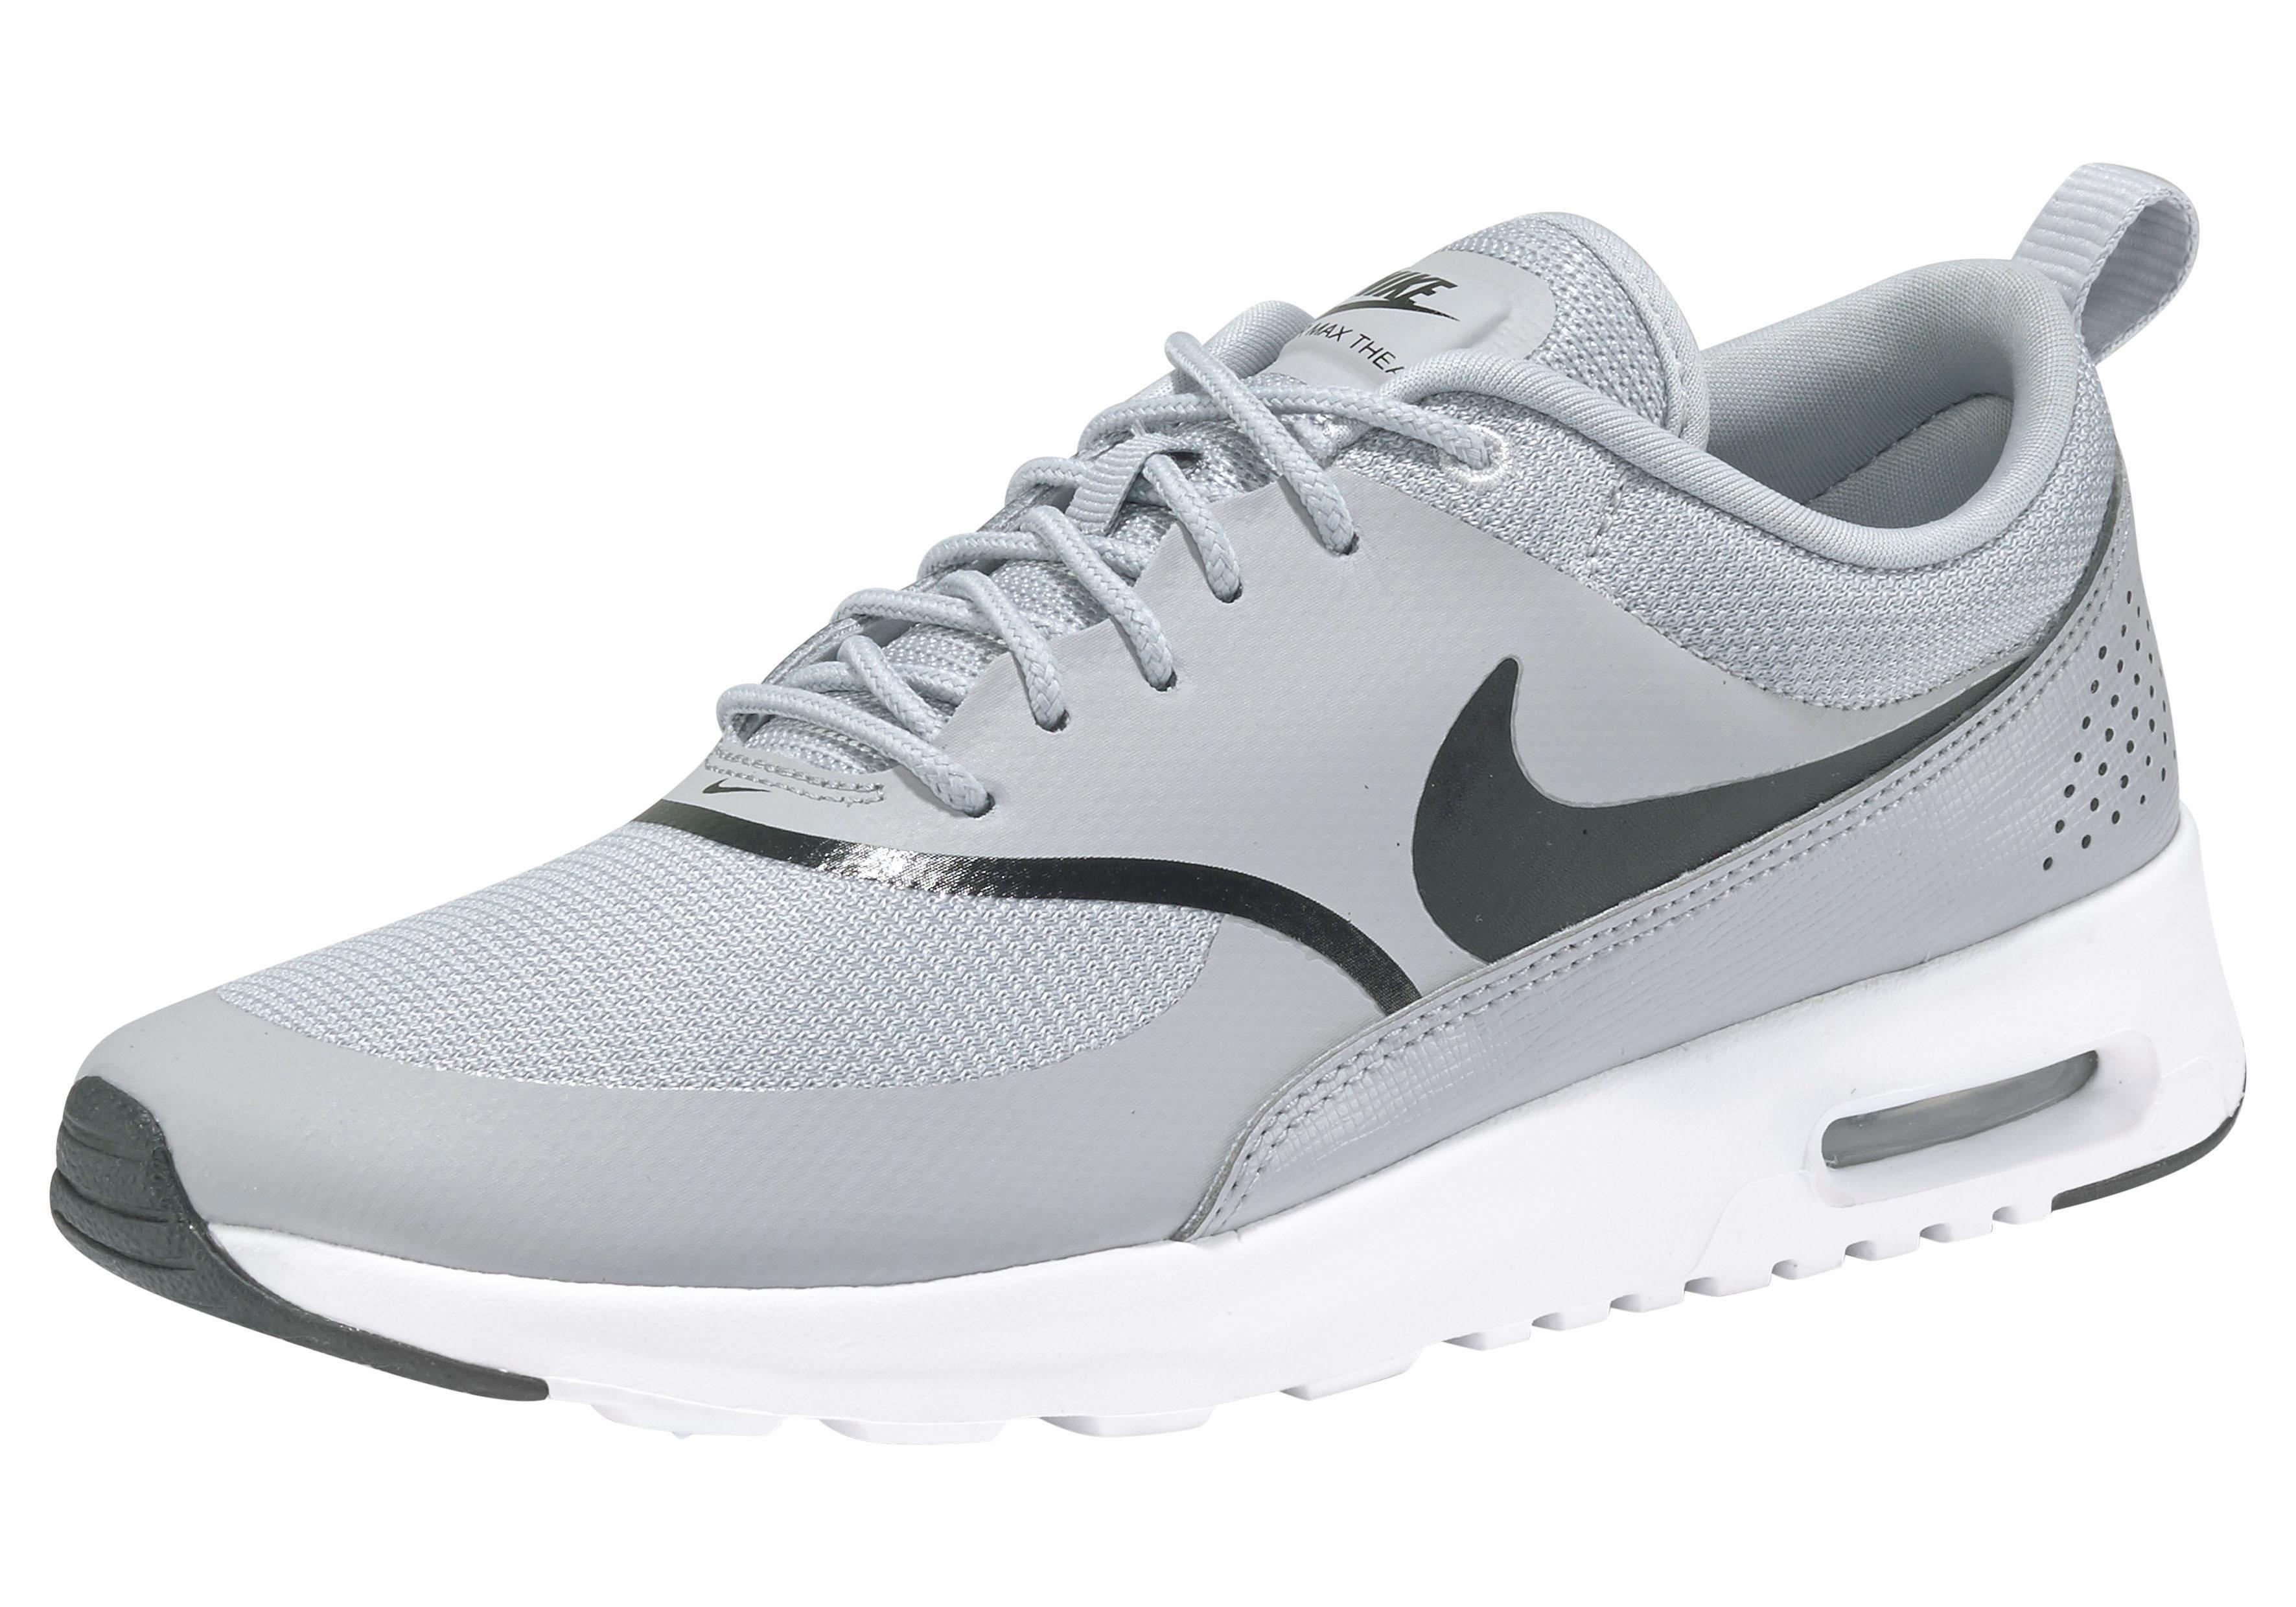 buy popular 82dc7 fef45 ... Nike Sportswear sneakers »Air Max Thea«, Nike Sportswear sneakers »Air  Max Thea«, Nike Sportswear sneakers »Air Max Thea«, Nike Sportswear ...